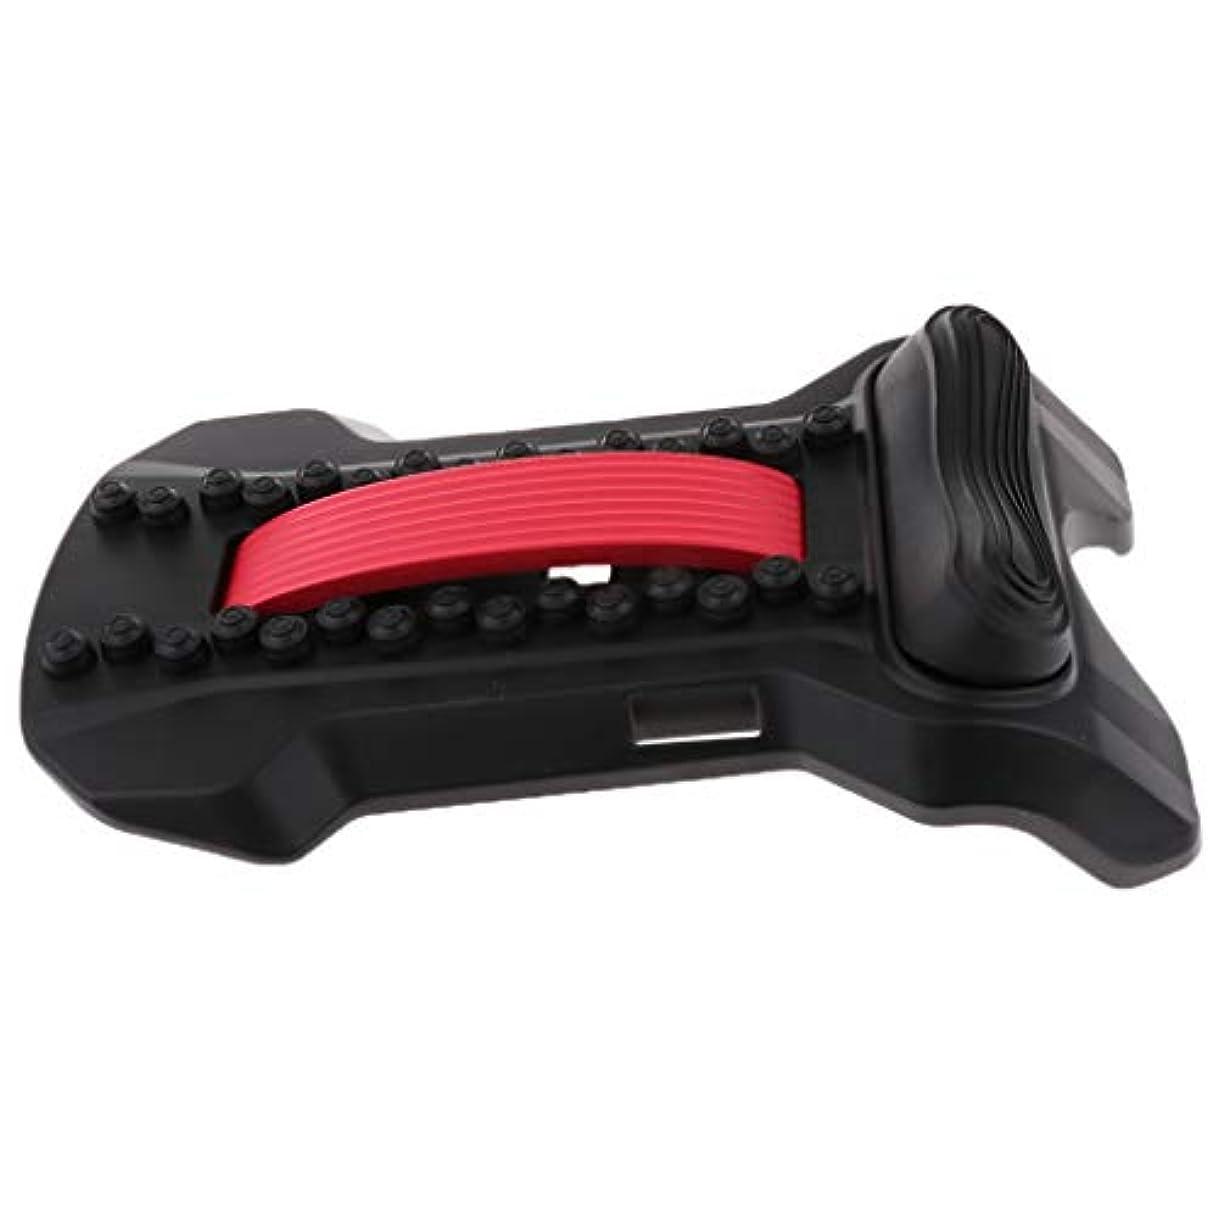 スカウト艦隊お金D DOLITY 腰椎サポート バック ストレッチャー 頸椎 ストレッチ マッサージャー ツボ押し 姿勢矯正 全5色 - 黒赤, 22×37×8cm